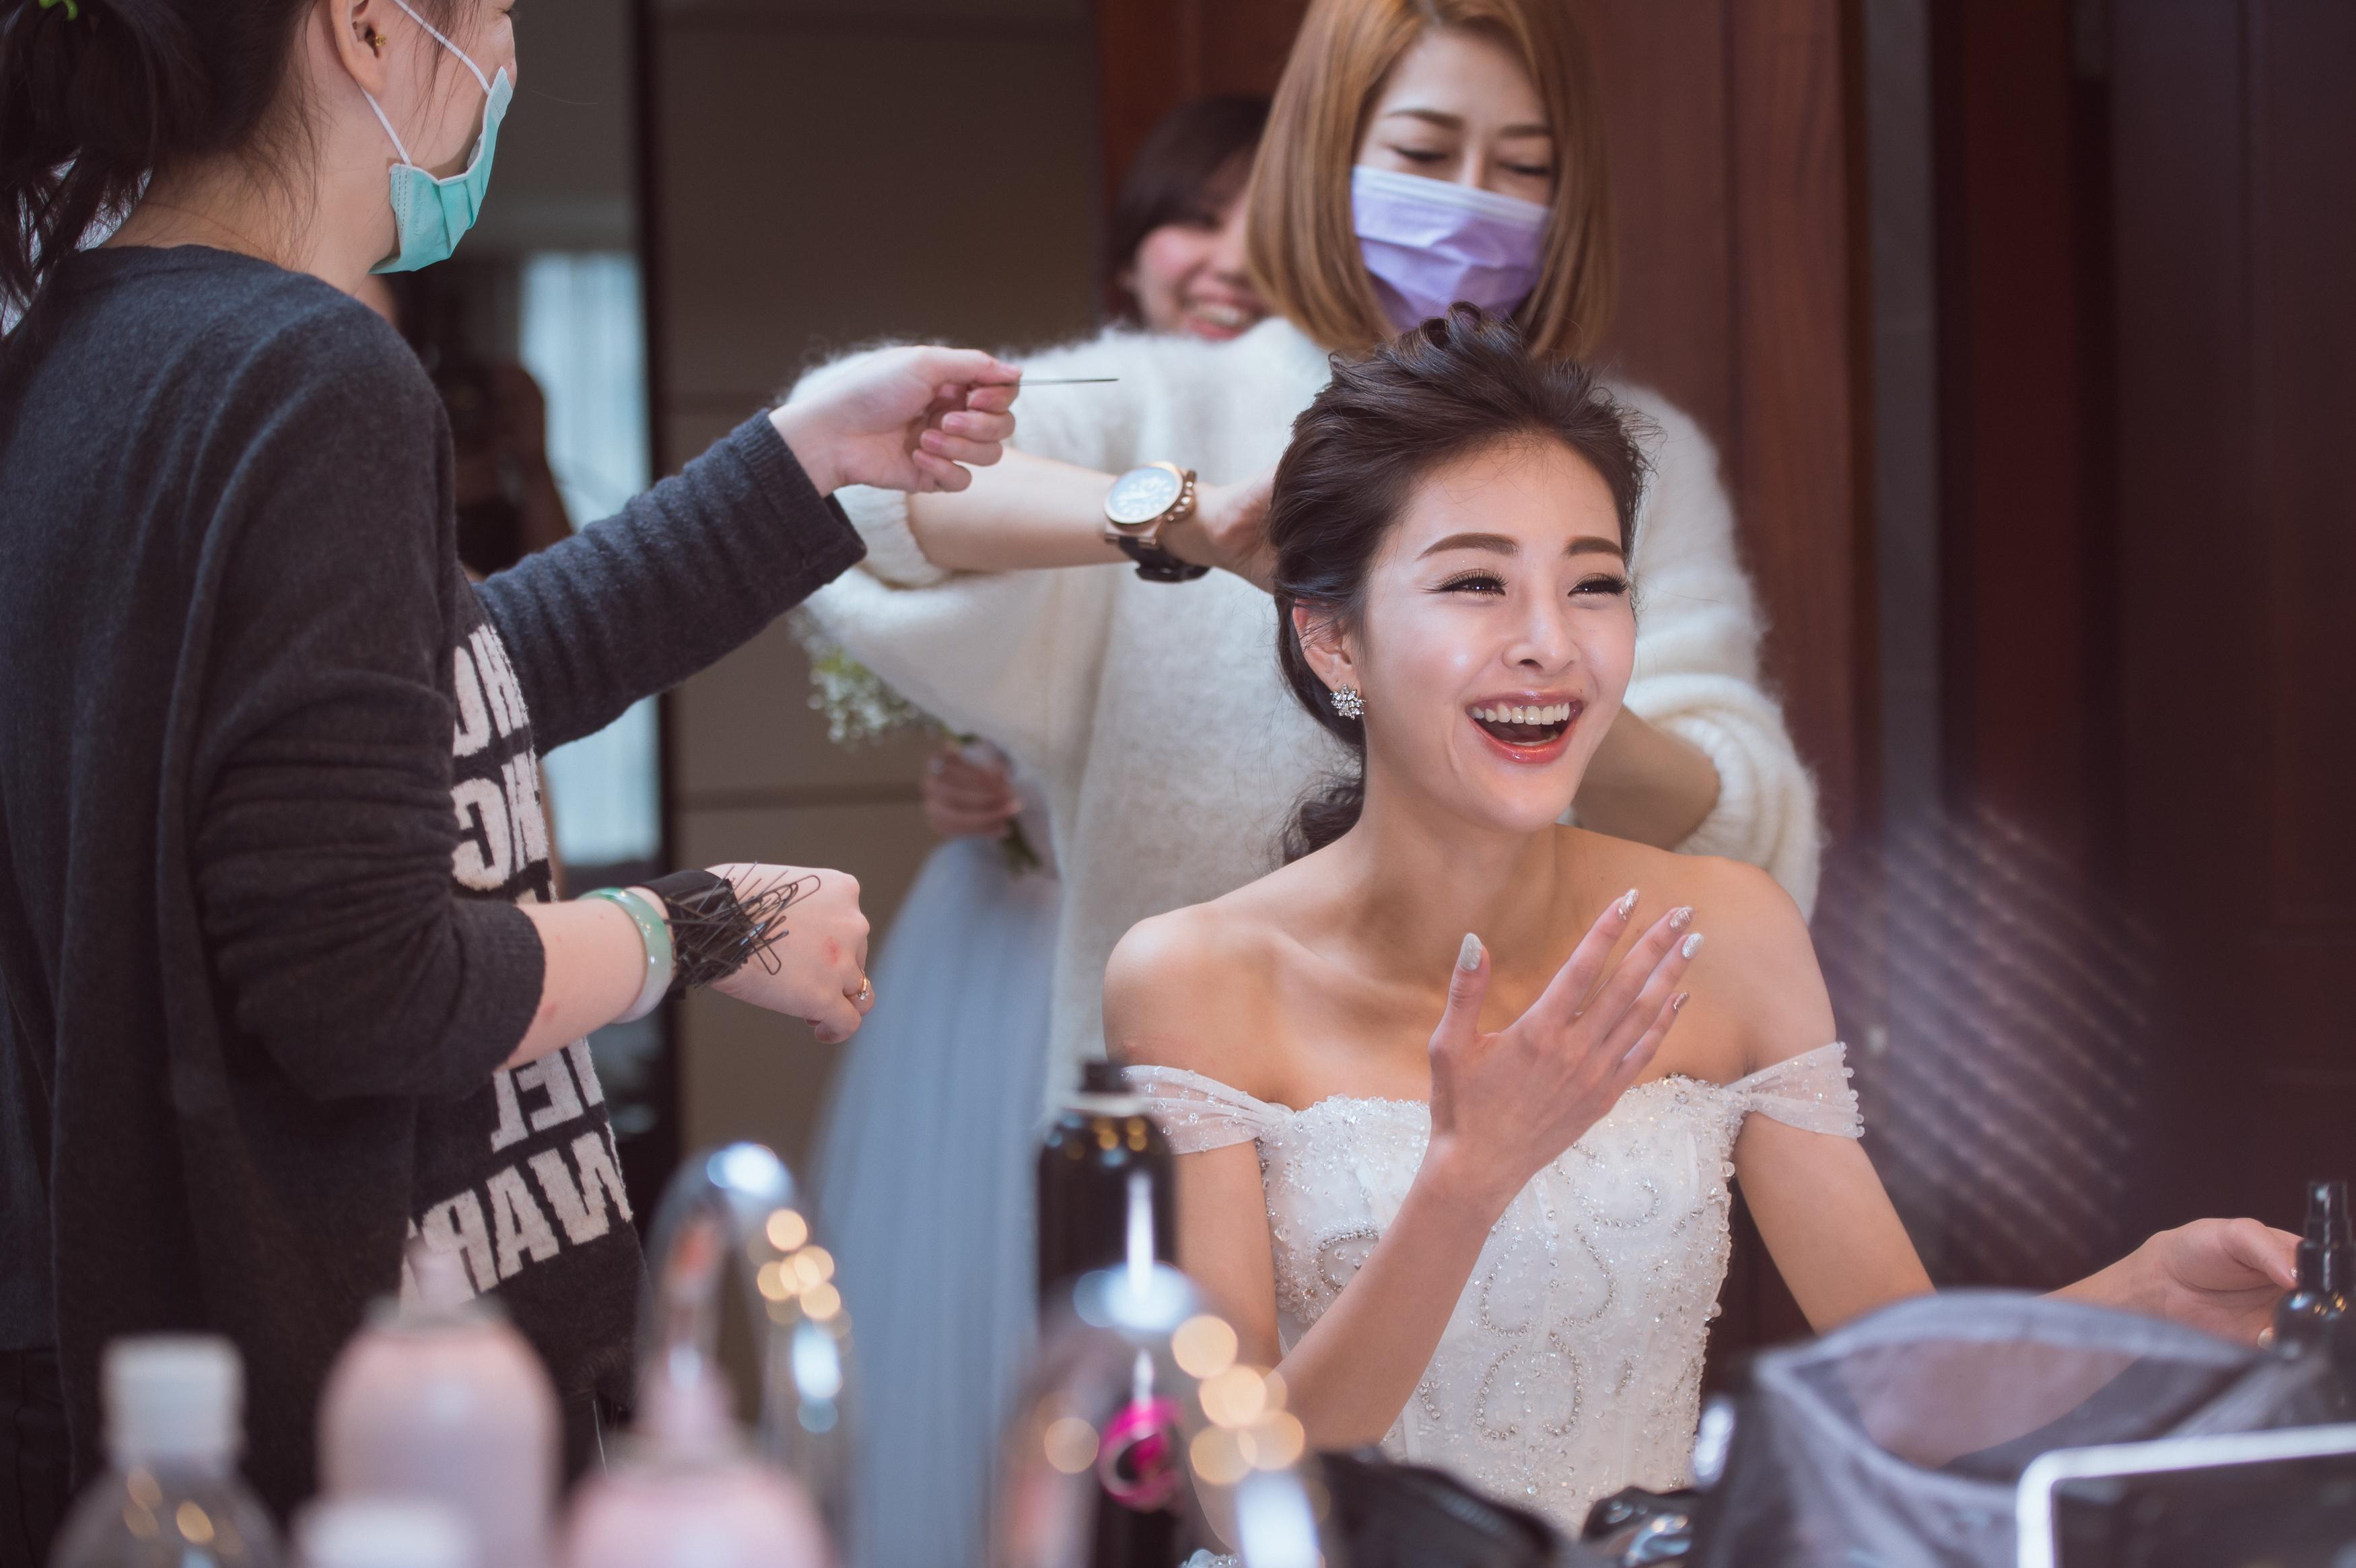 趙唯伶:千萬不要在準備要結婚的時候才開始做功課!隨時看到喜歡的畫面就把它存下來